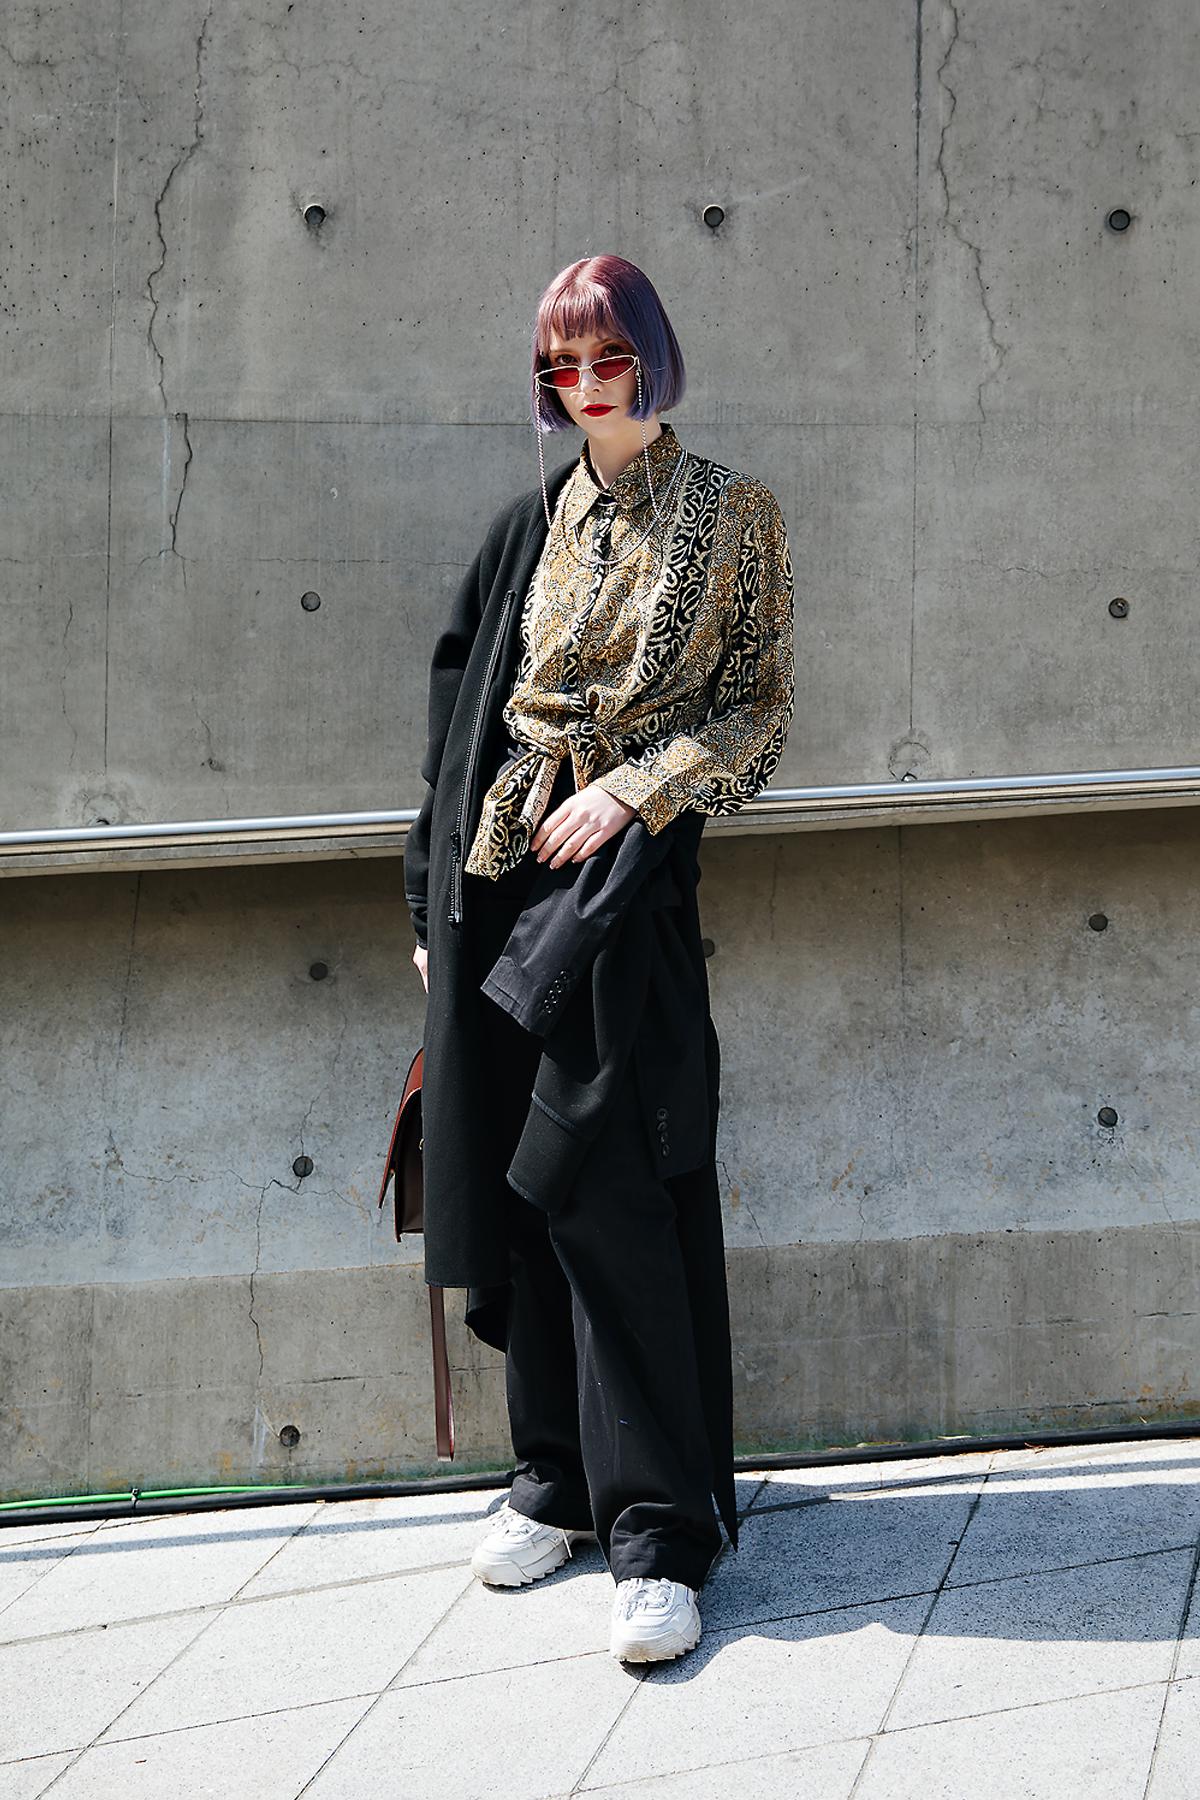 Kate white, SEOUL FASHION WEEK STREETWEAR WOMENS 2018FW